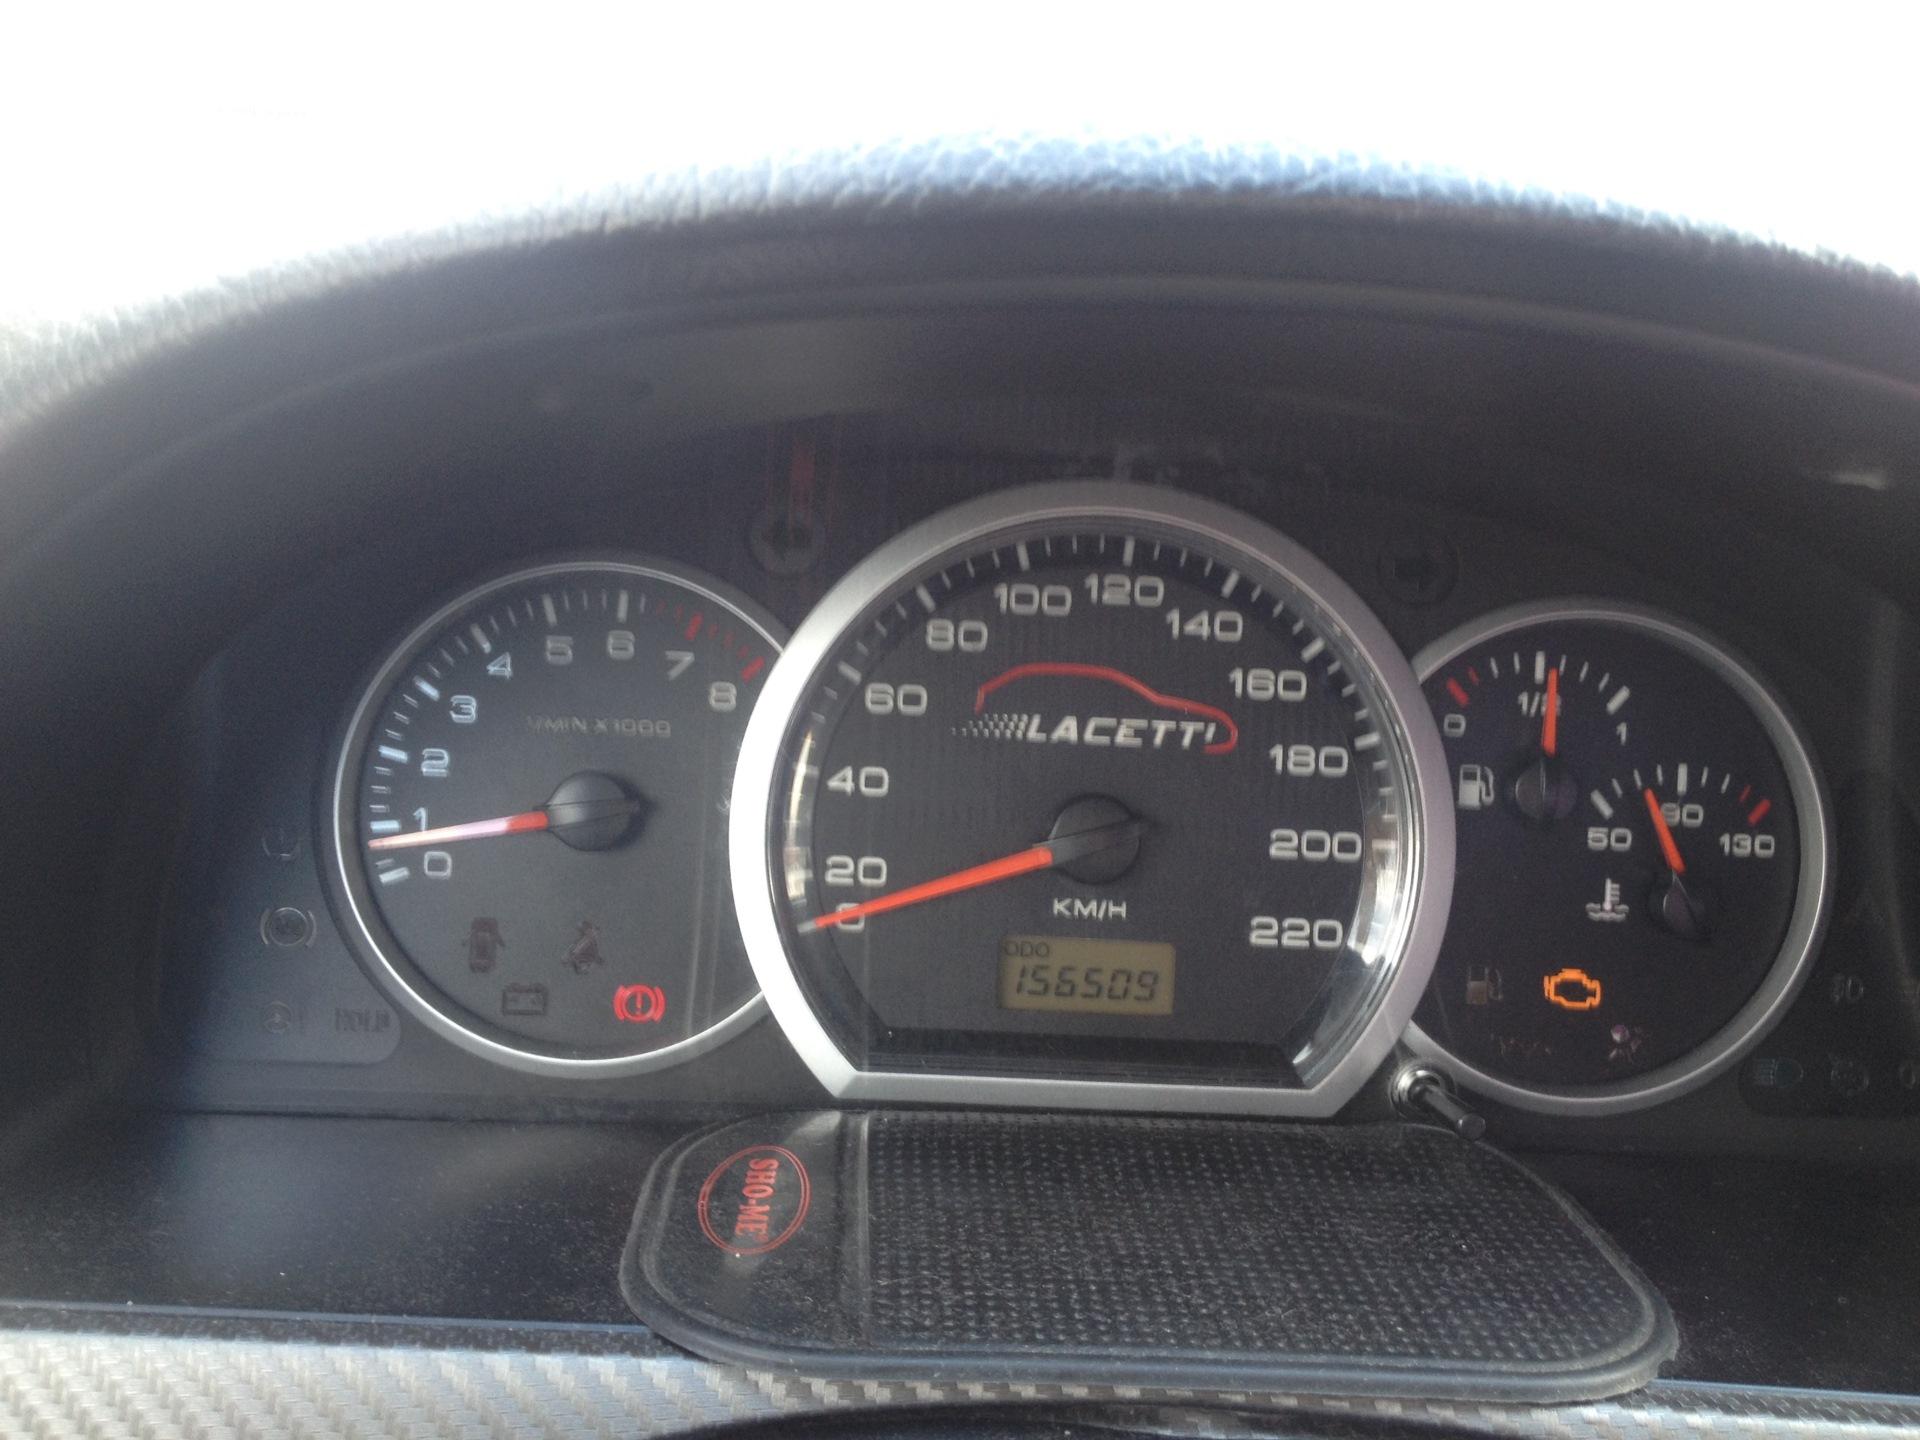 chevrolet lacetti 1.4 check engine